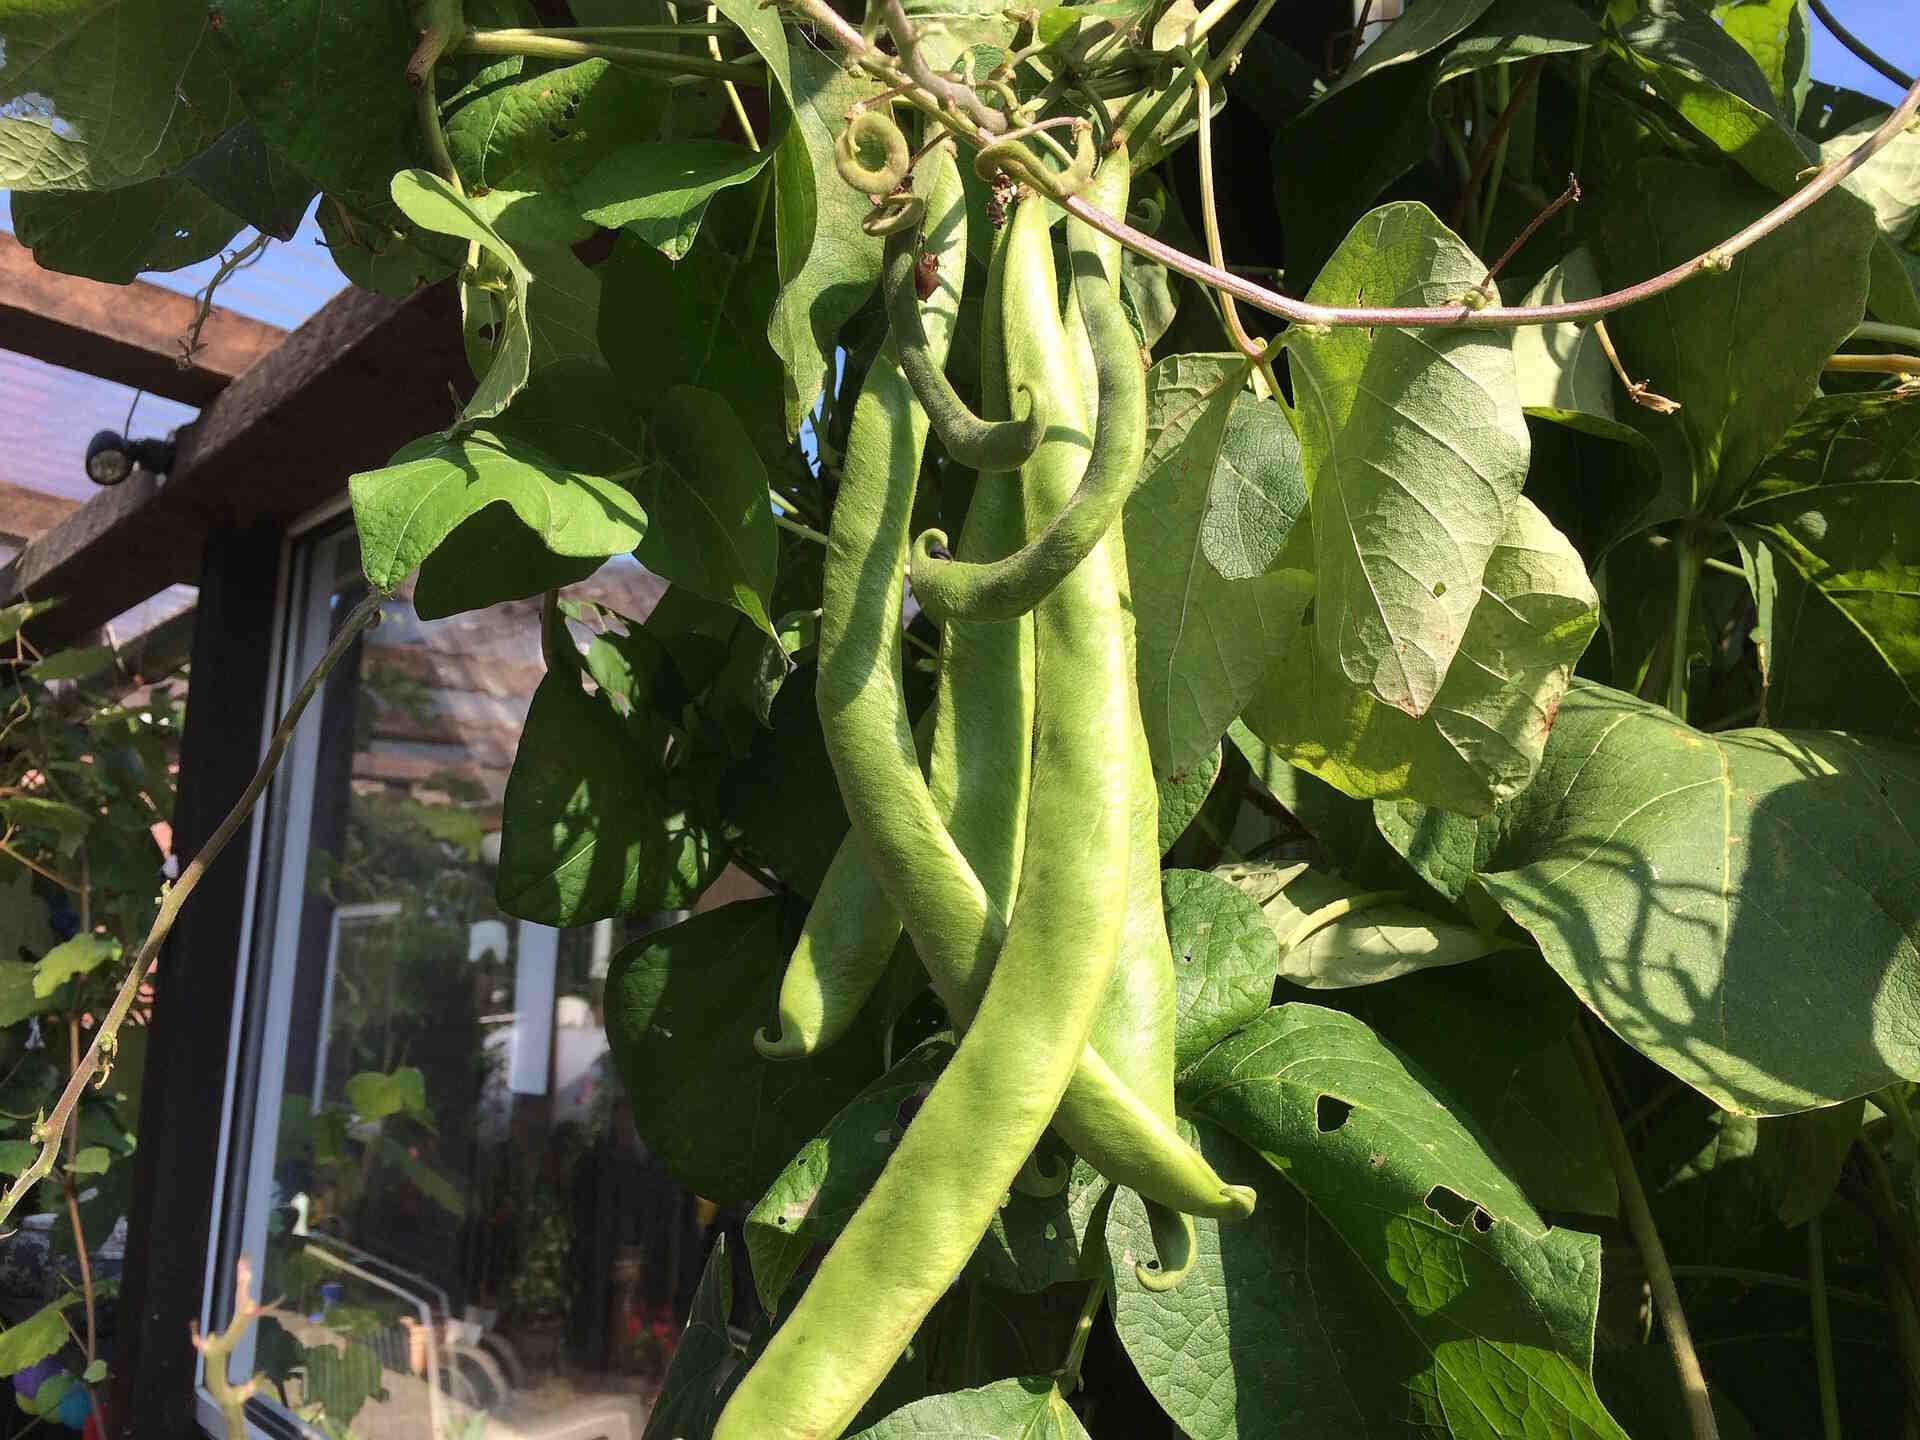 Puis-je semer des haricots verts aujourd'hui ?